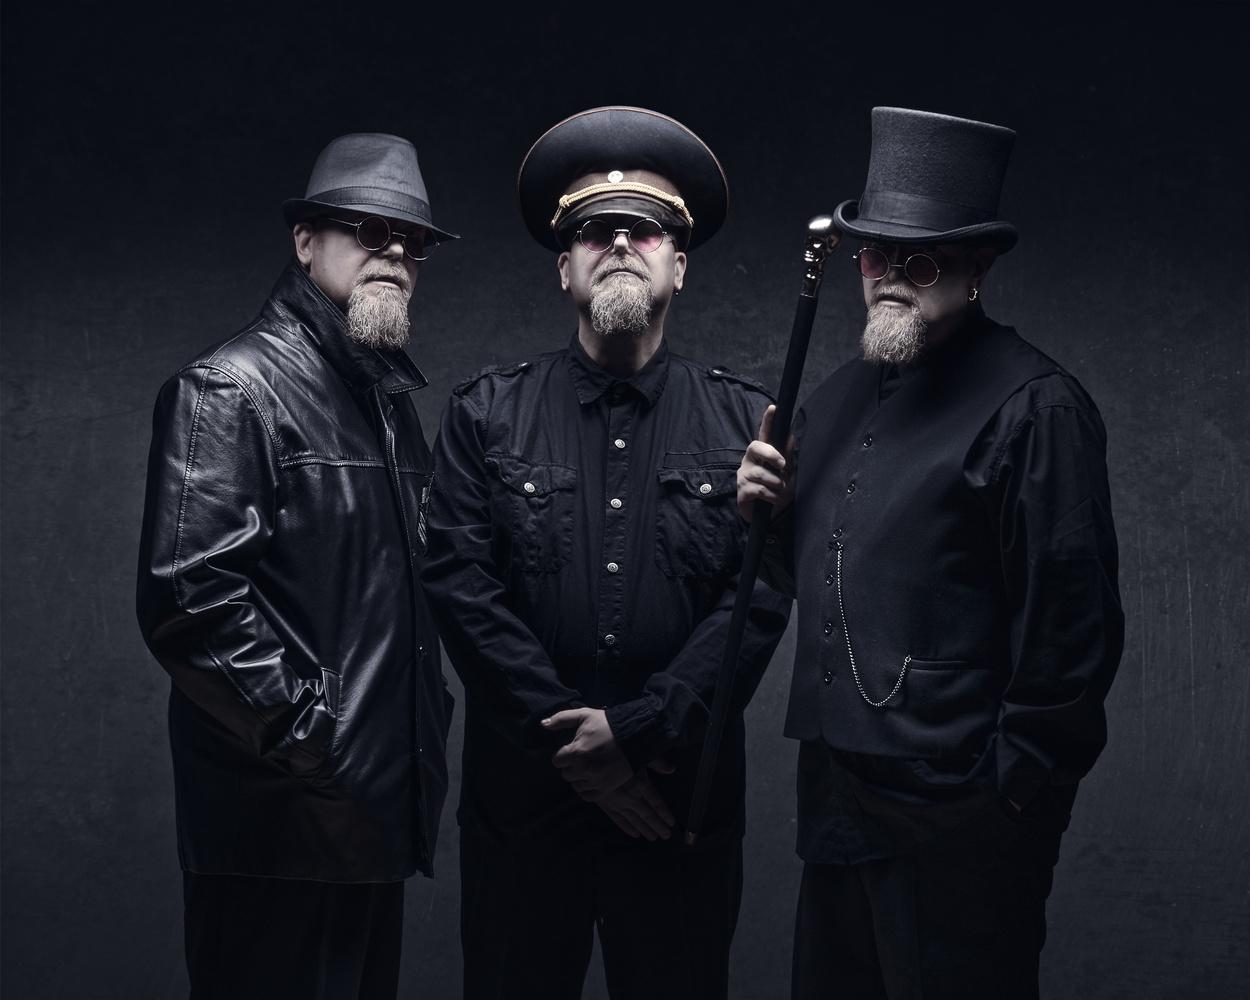 The Rubidus Brothers by Petri Damstén